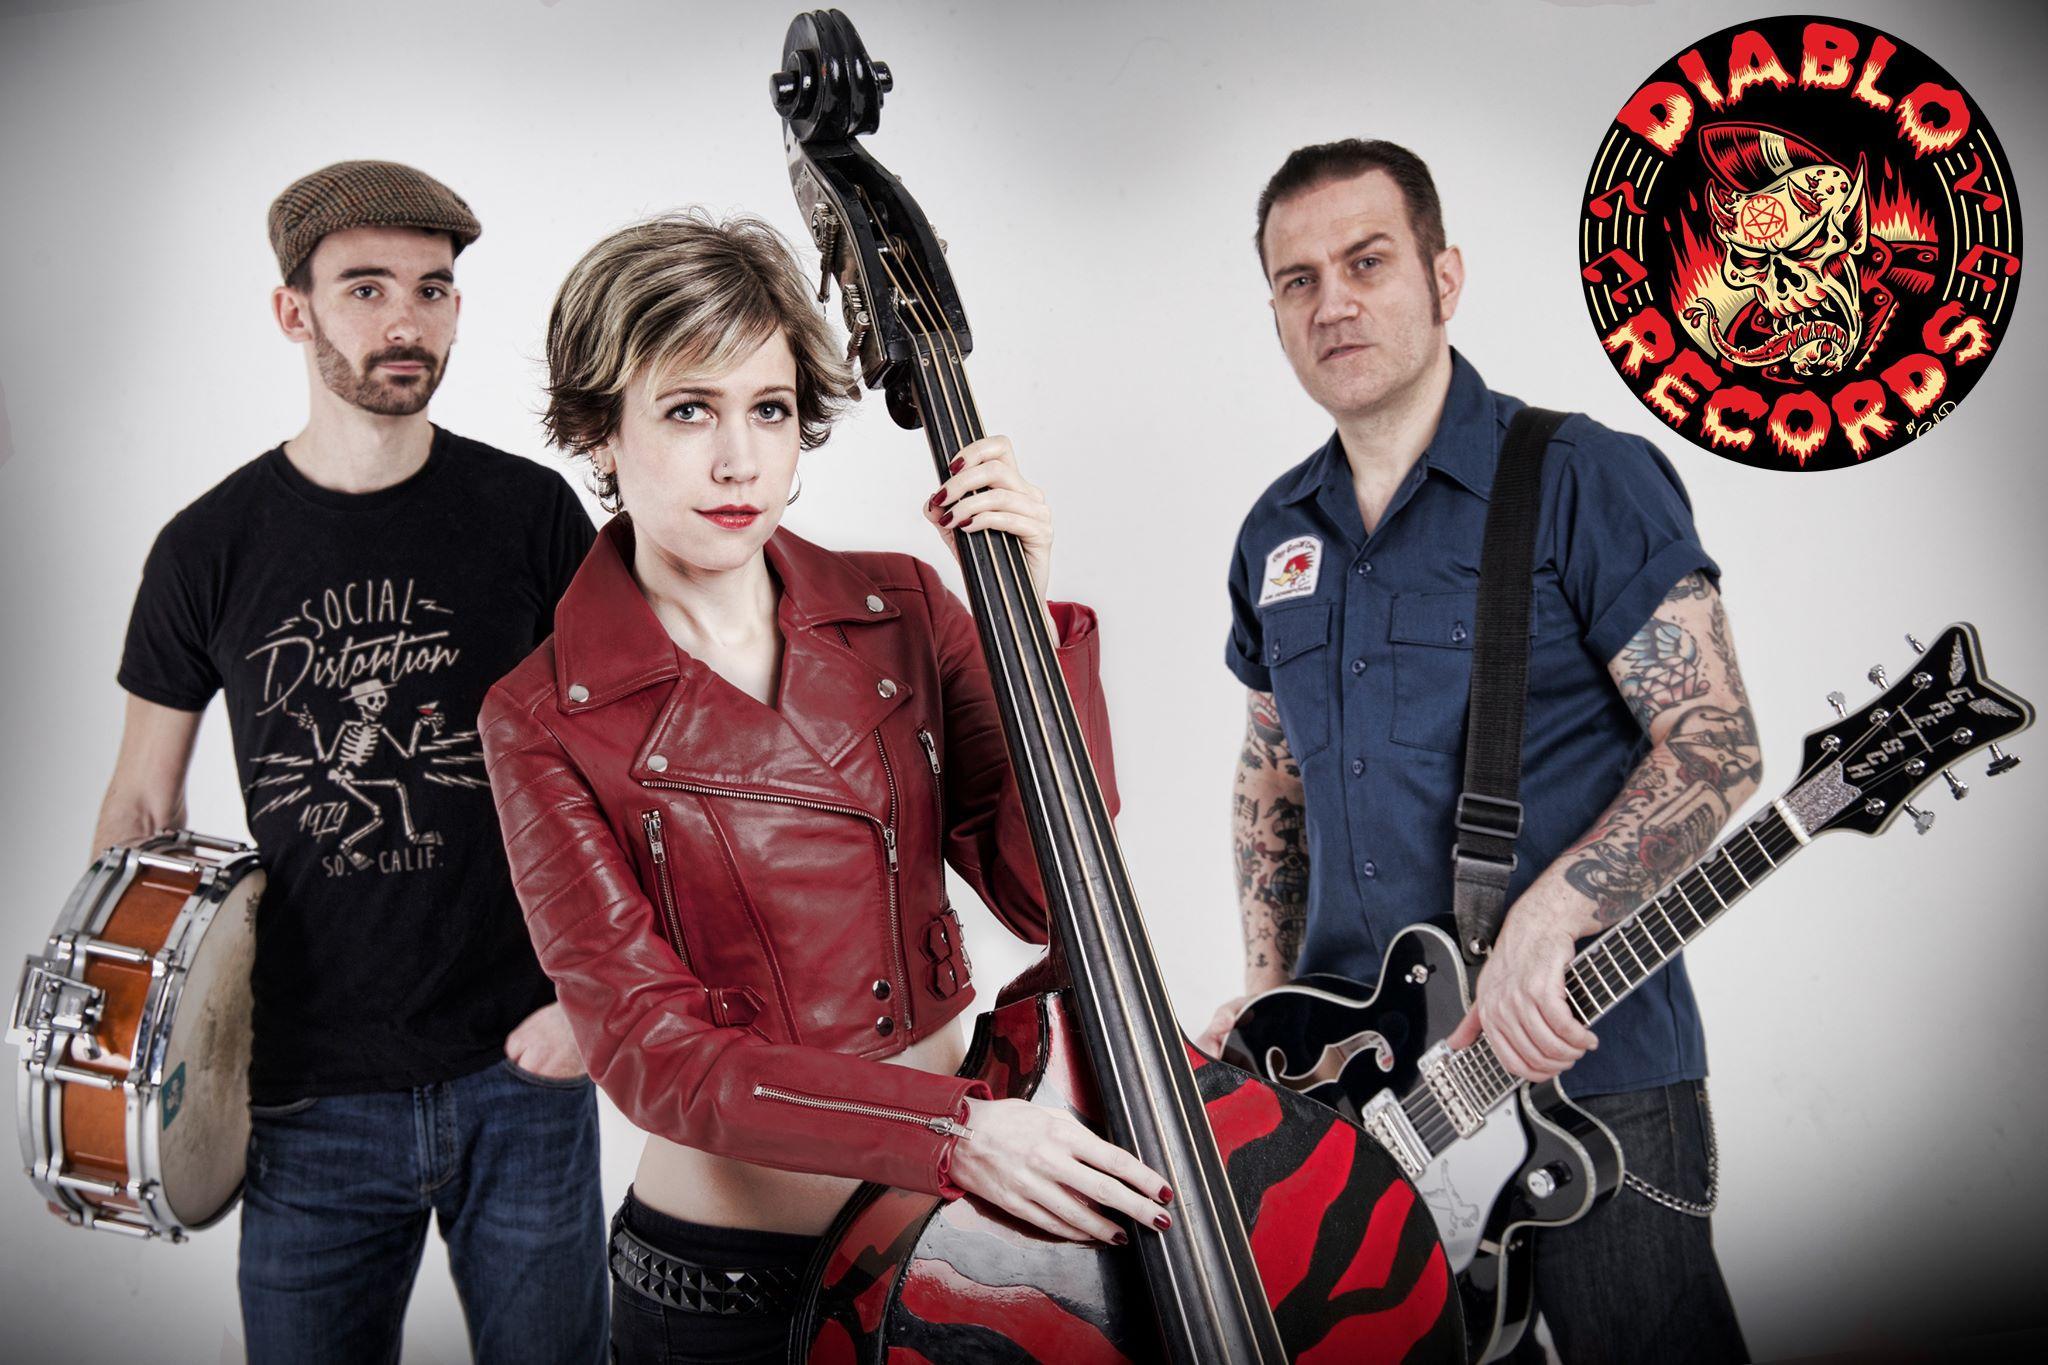 The Silver Shine | Psychobilly bands, Psychobilly